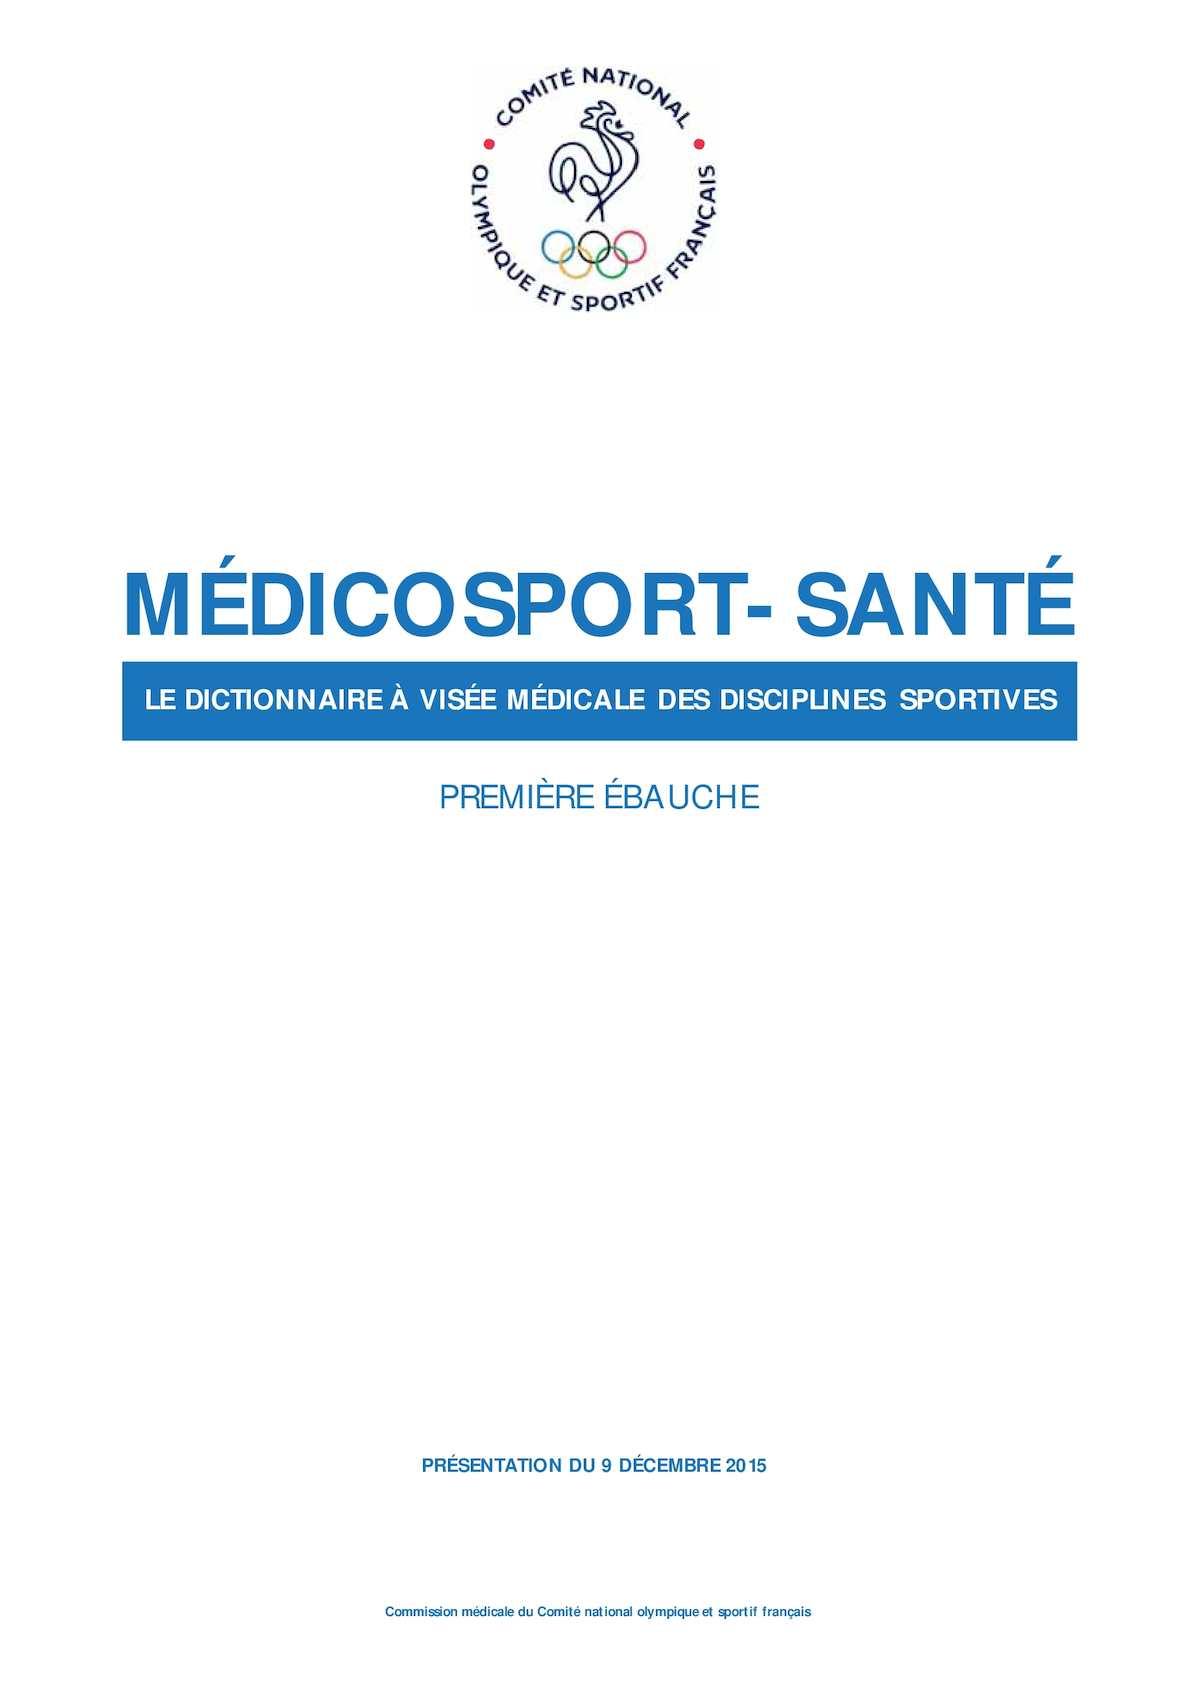 Calaméo - Medicosport Sante e559455aea0